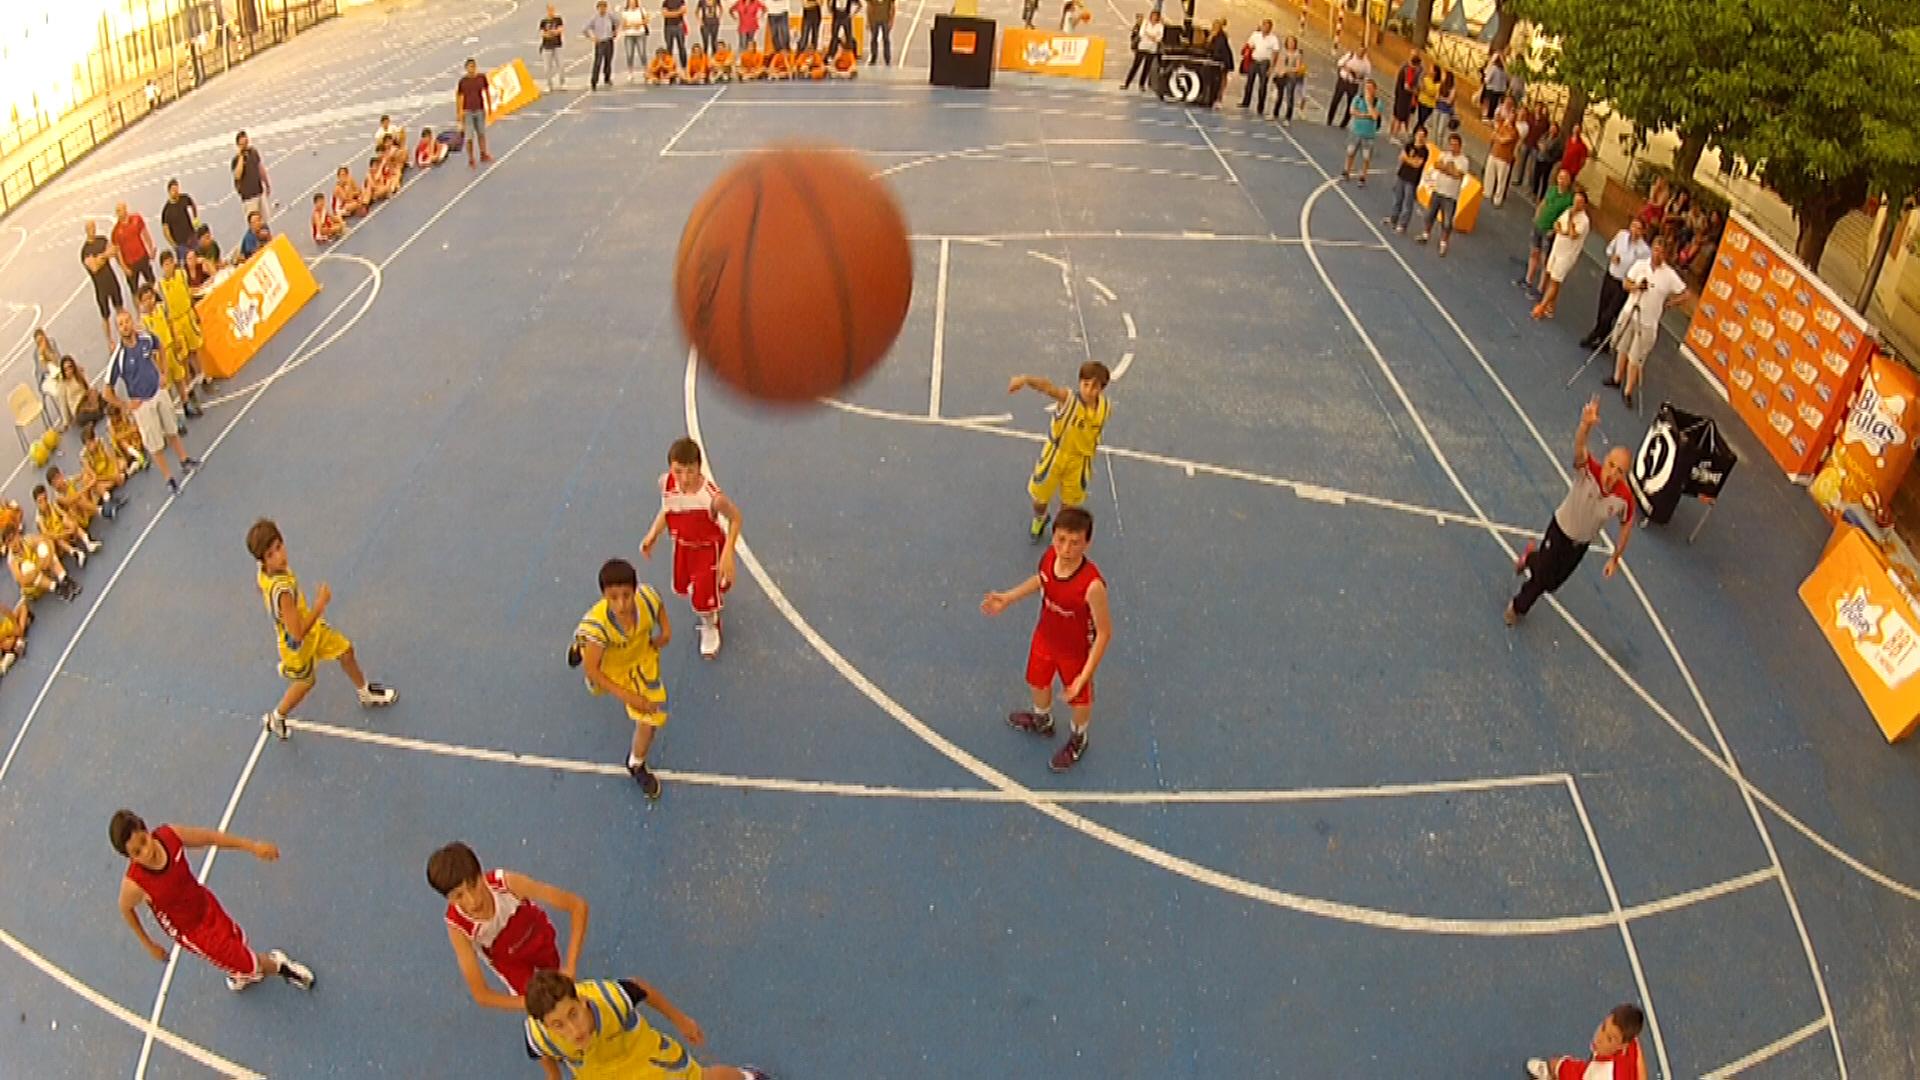 Video: ¿Está tú canasta? PequeCopa Colegial Madrid 2014